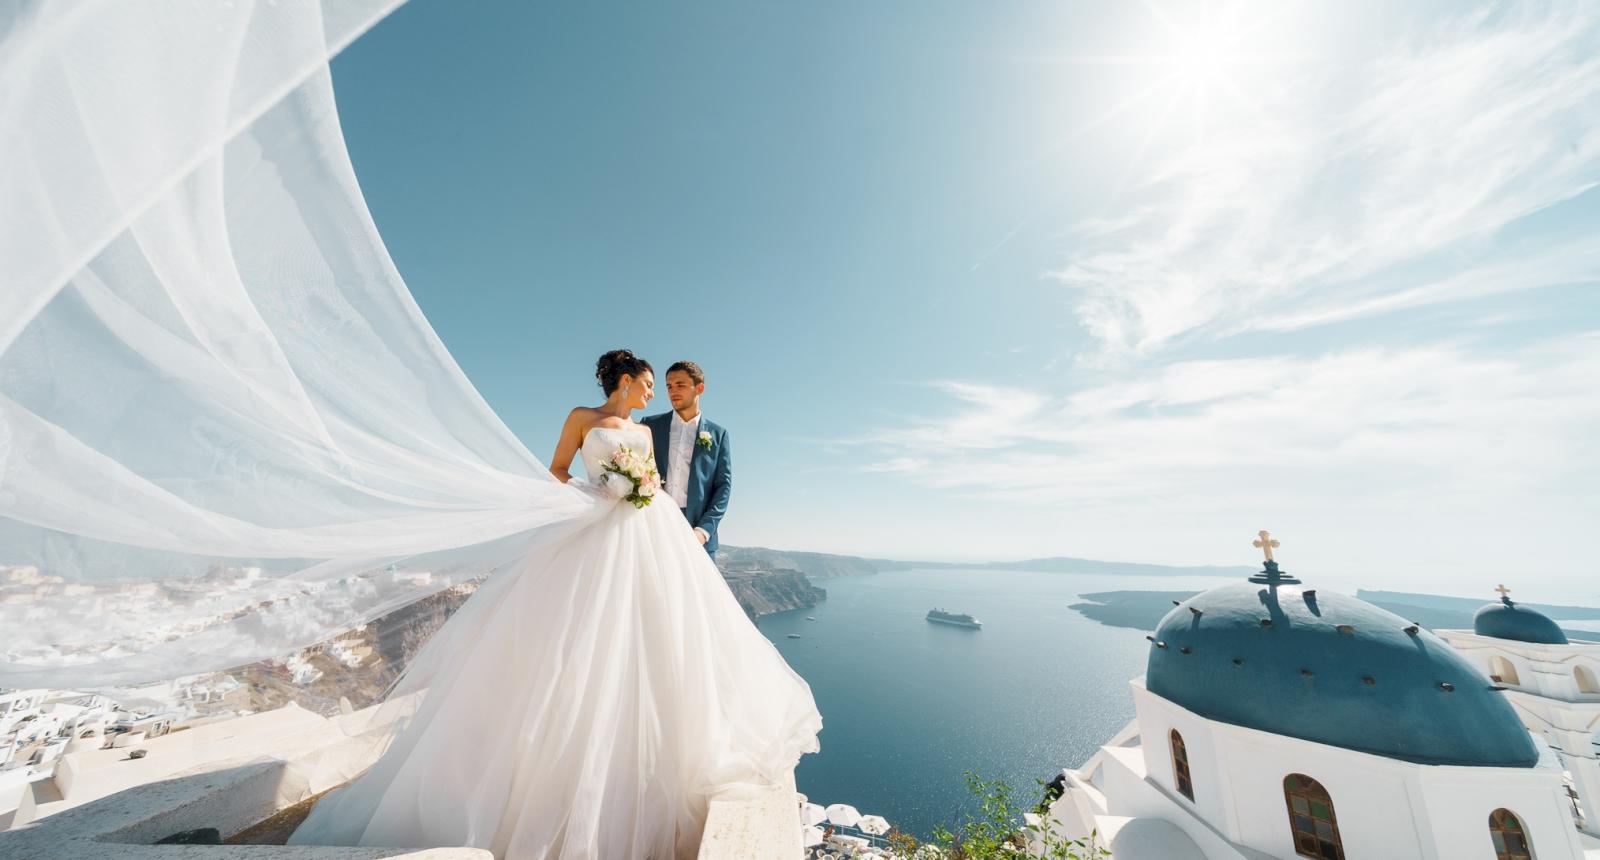 Яна и Денис: свадьба на санторини, свадебное агентство Julia Veselova - Фото 6